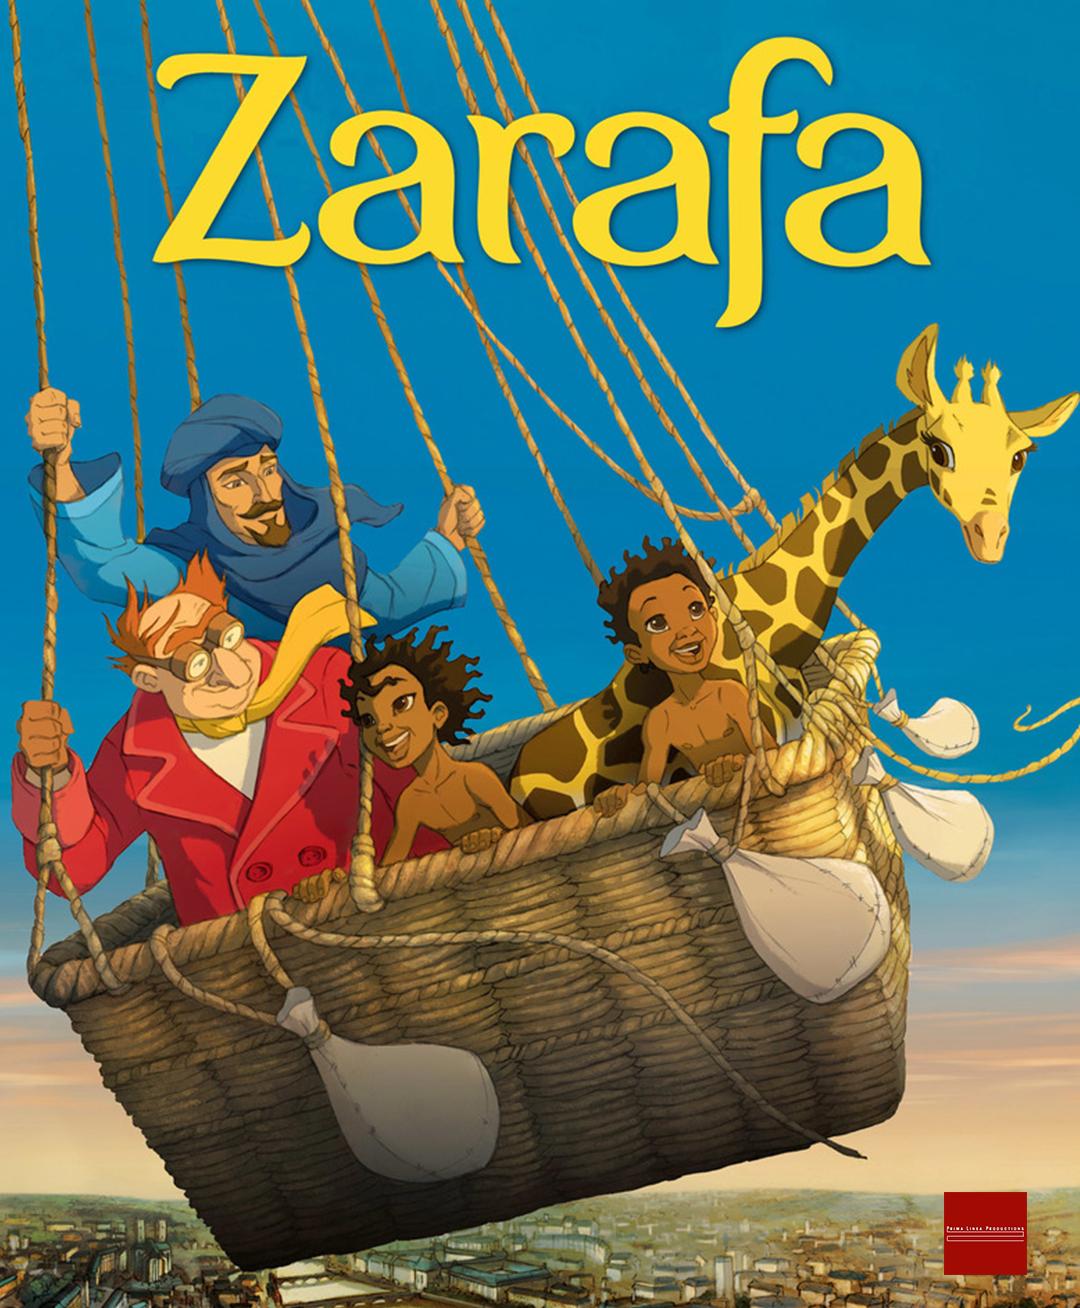 ZARAFA – Prima Linea Studio